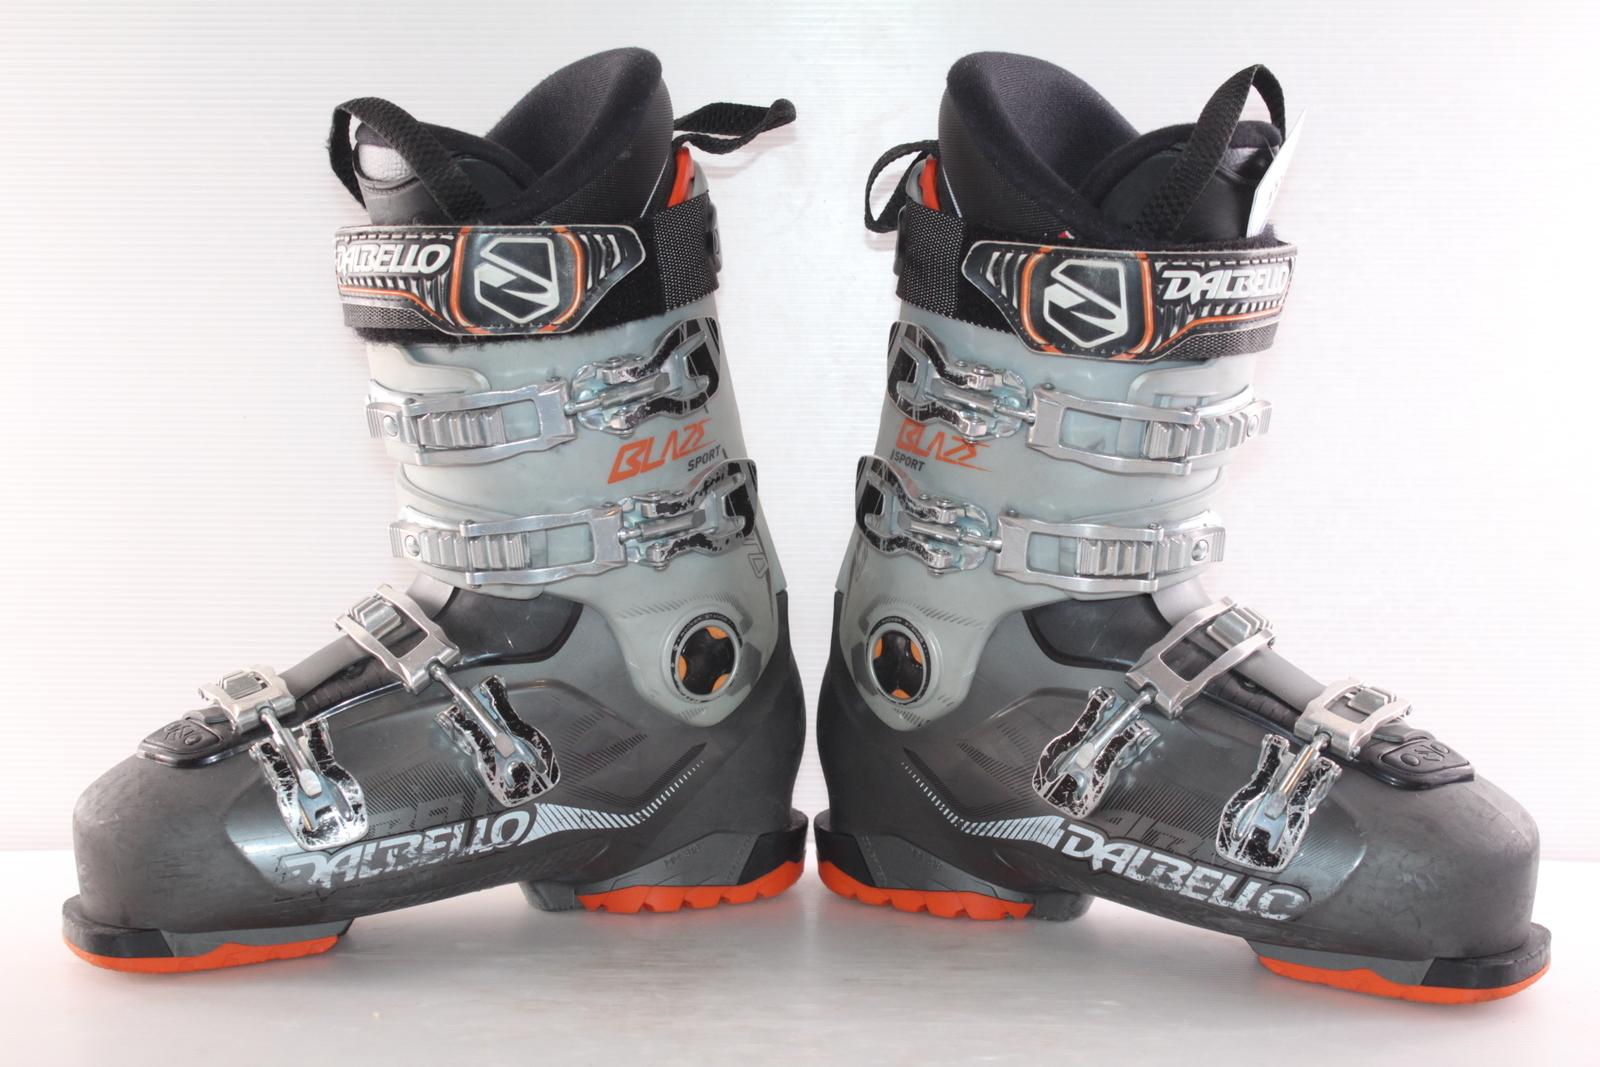 Lyžařské boty Dalbello Blaze Ltd Sport vel. EU42.5